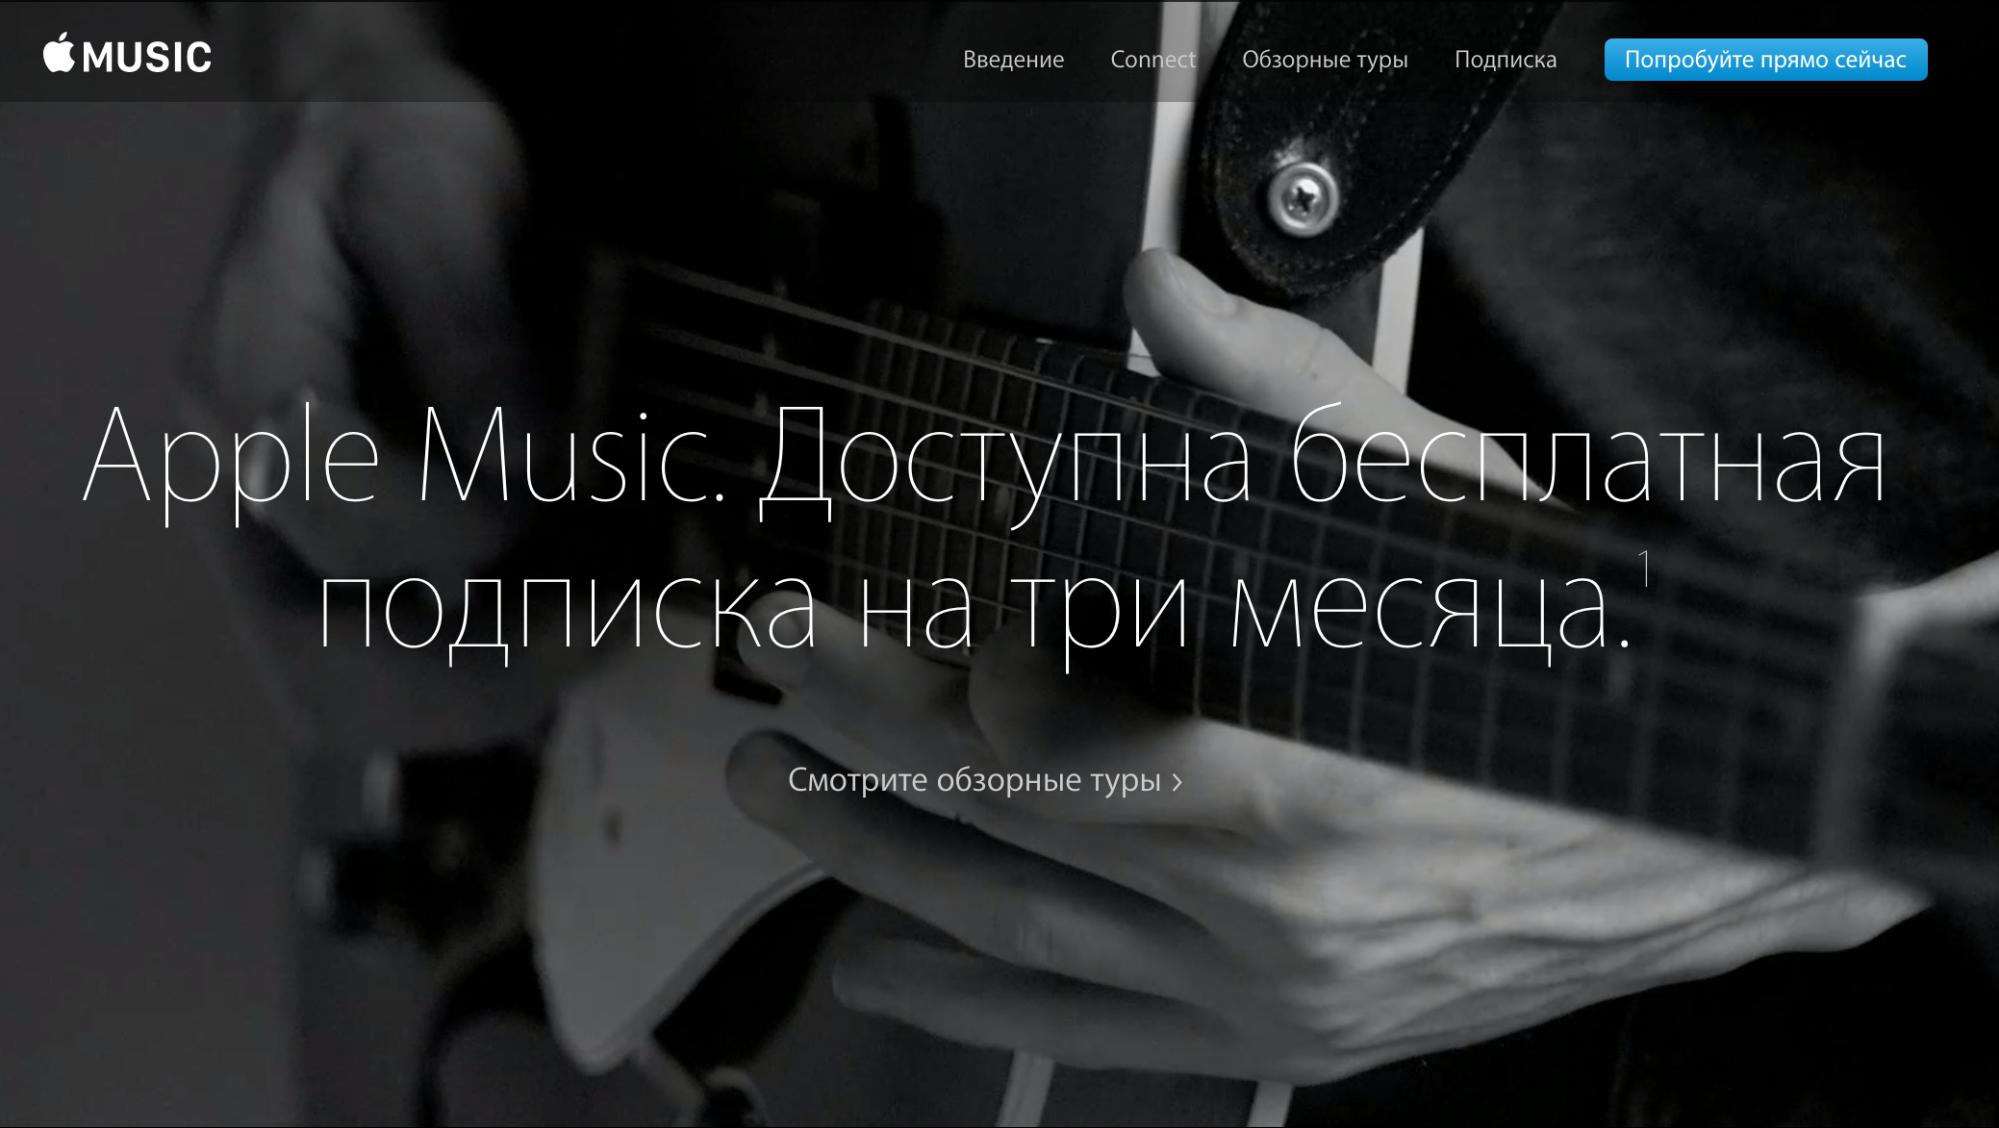 Иллюстрация к статье: Ошибки ценообразования, или Что не так с ценовой стратегией Apple Music?